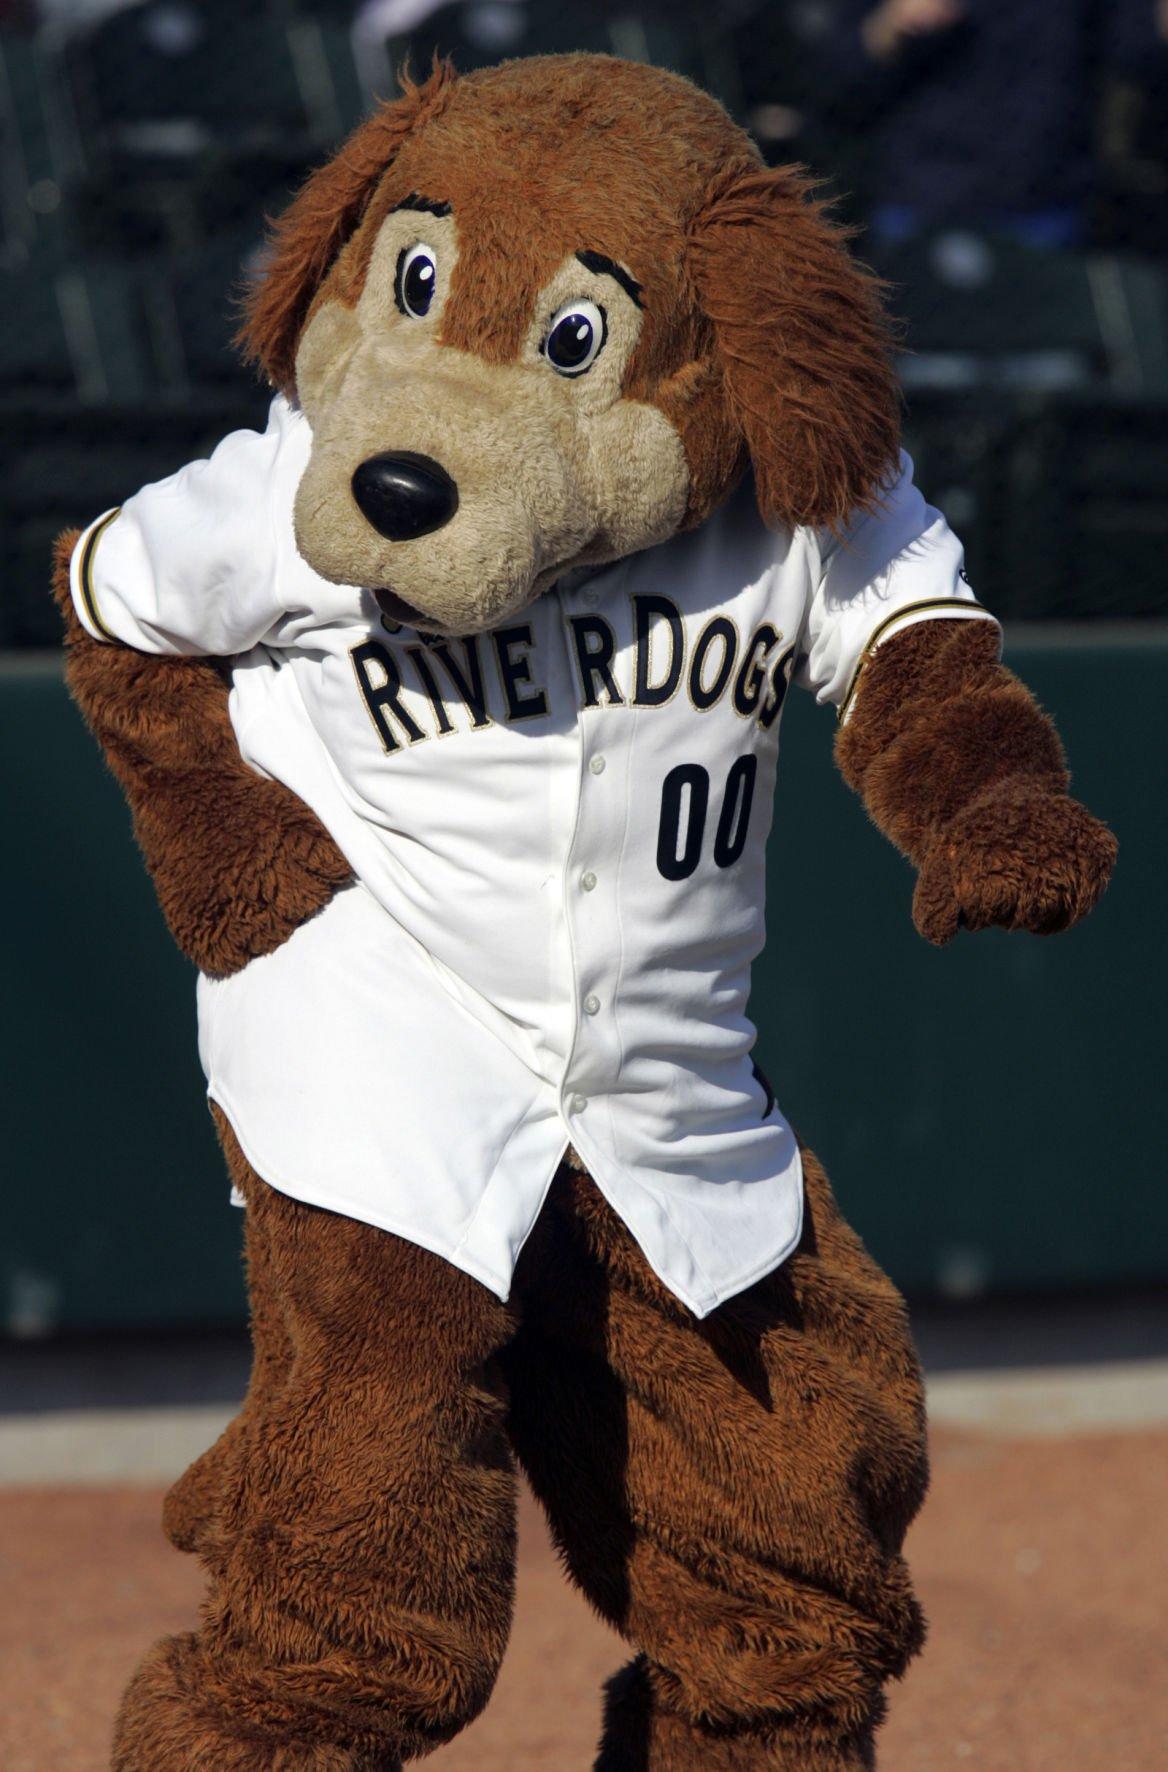 Charlie T. RiverDog taking part in Mascot Mania Tournament